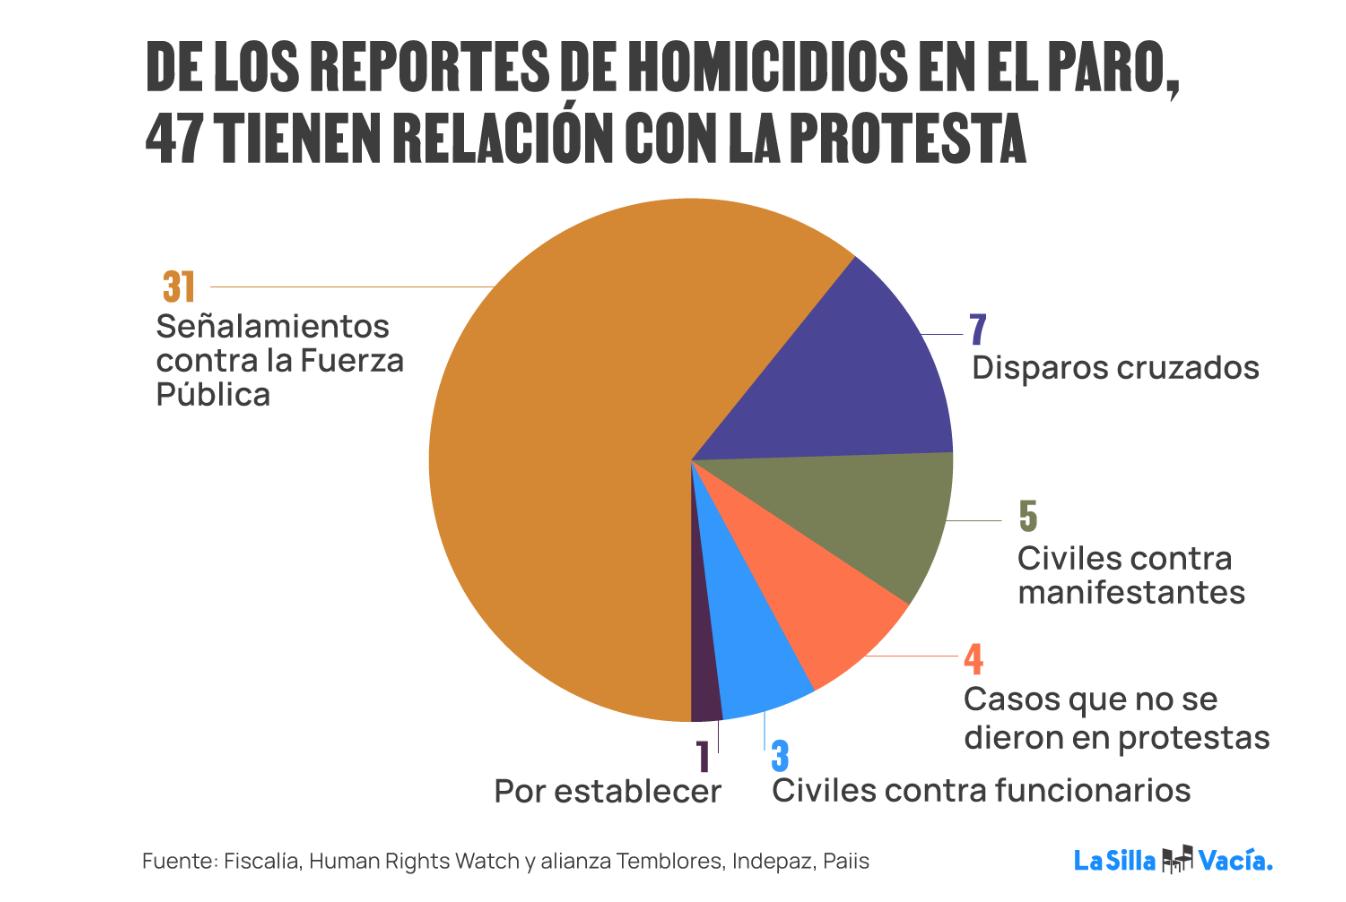 torta de informe de La Silla sobre homicidios en el paro